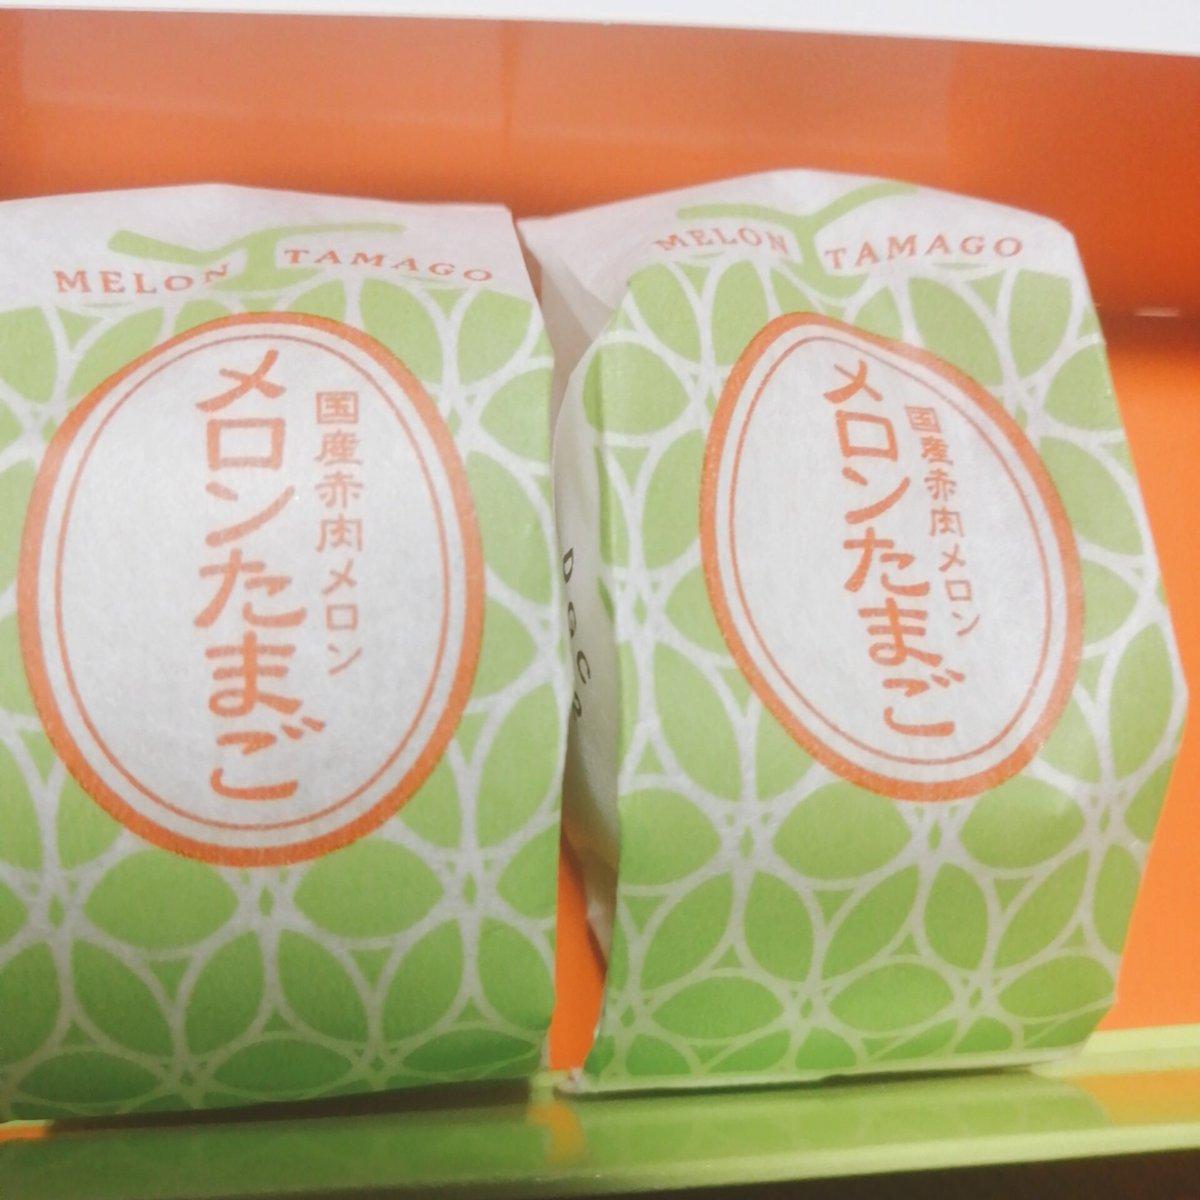 test ツイッターメディア - 東京駅で買ったメロンたまご めっちゃ美味しかった🍈( '-' 🍈 ) #メロンたまご #東京銘菓 https://t.co/Xh52AyVO9e